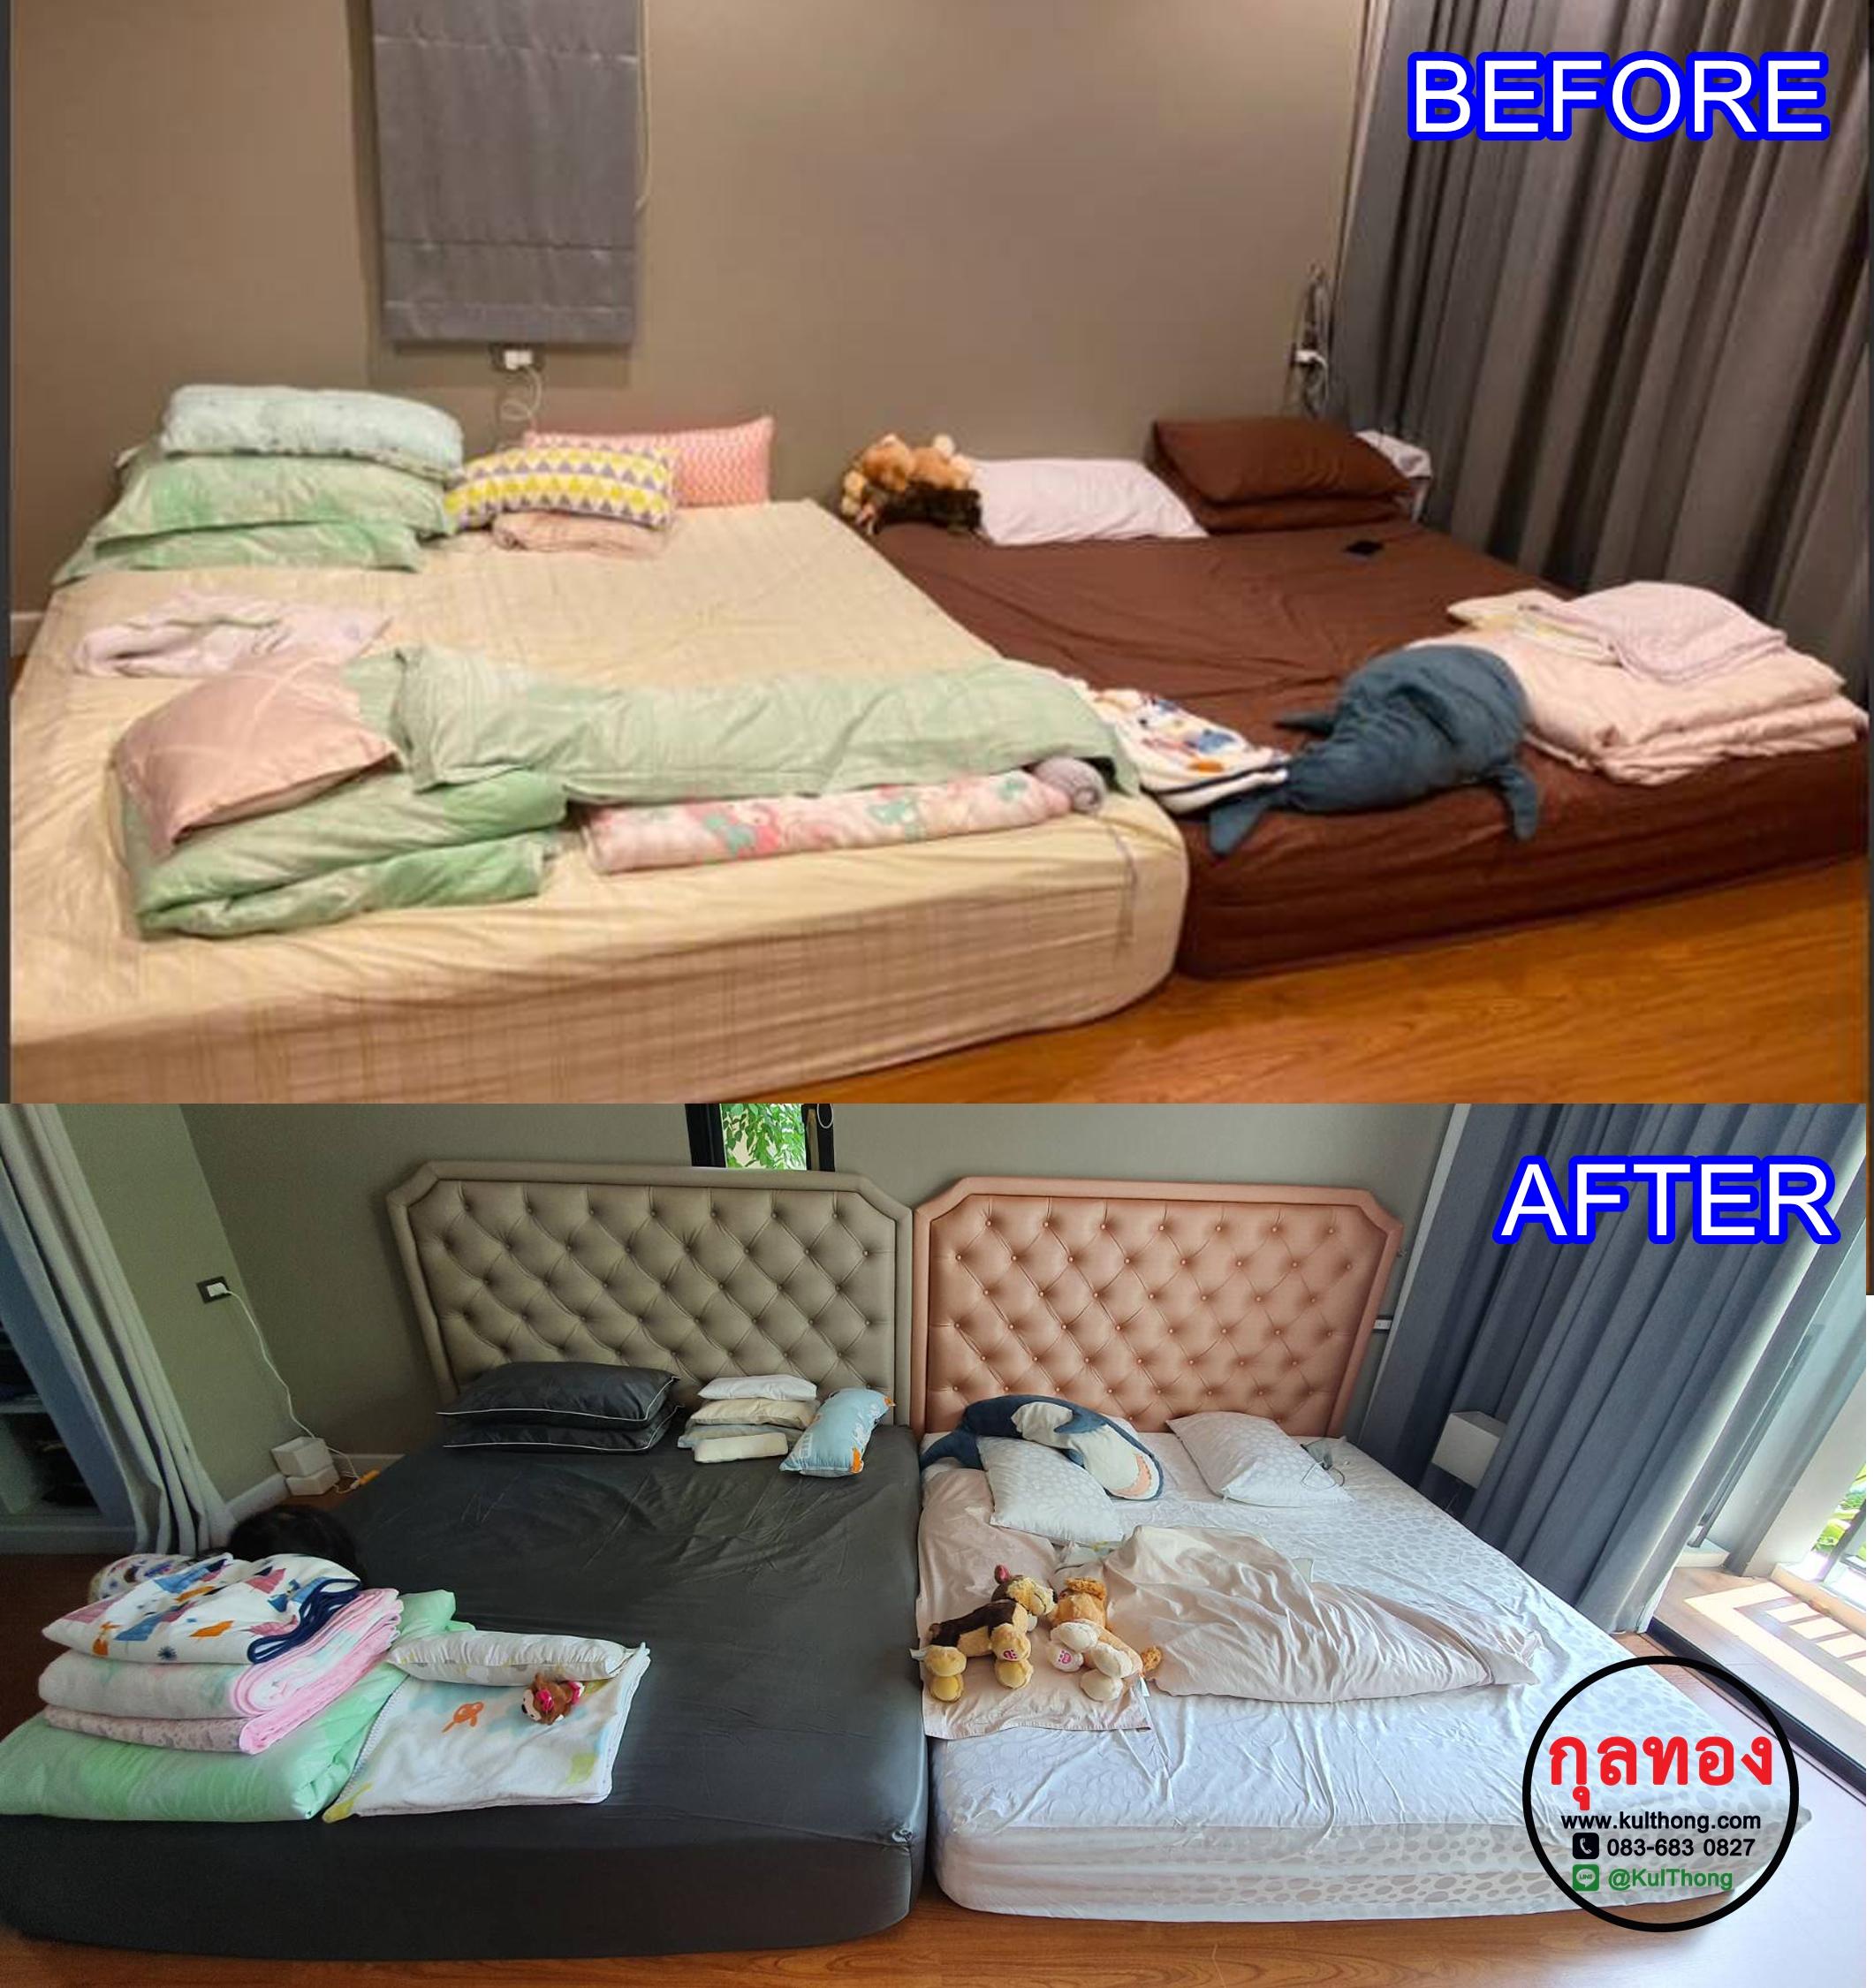 หัวเตียงสำเร็จ หัวเตียงดึงกระดุม หัวเตียงติดผนัง หัวเตียงหุ้มหนัง